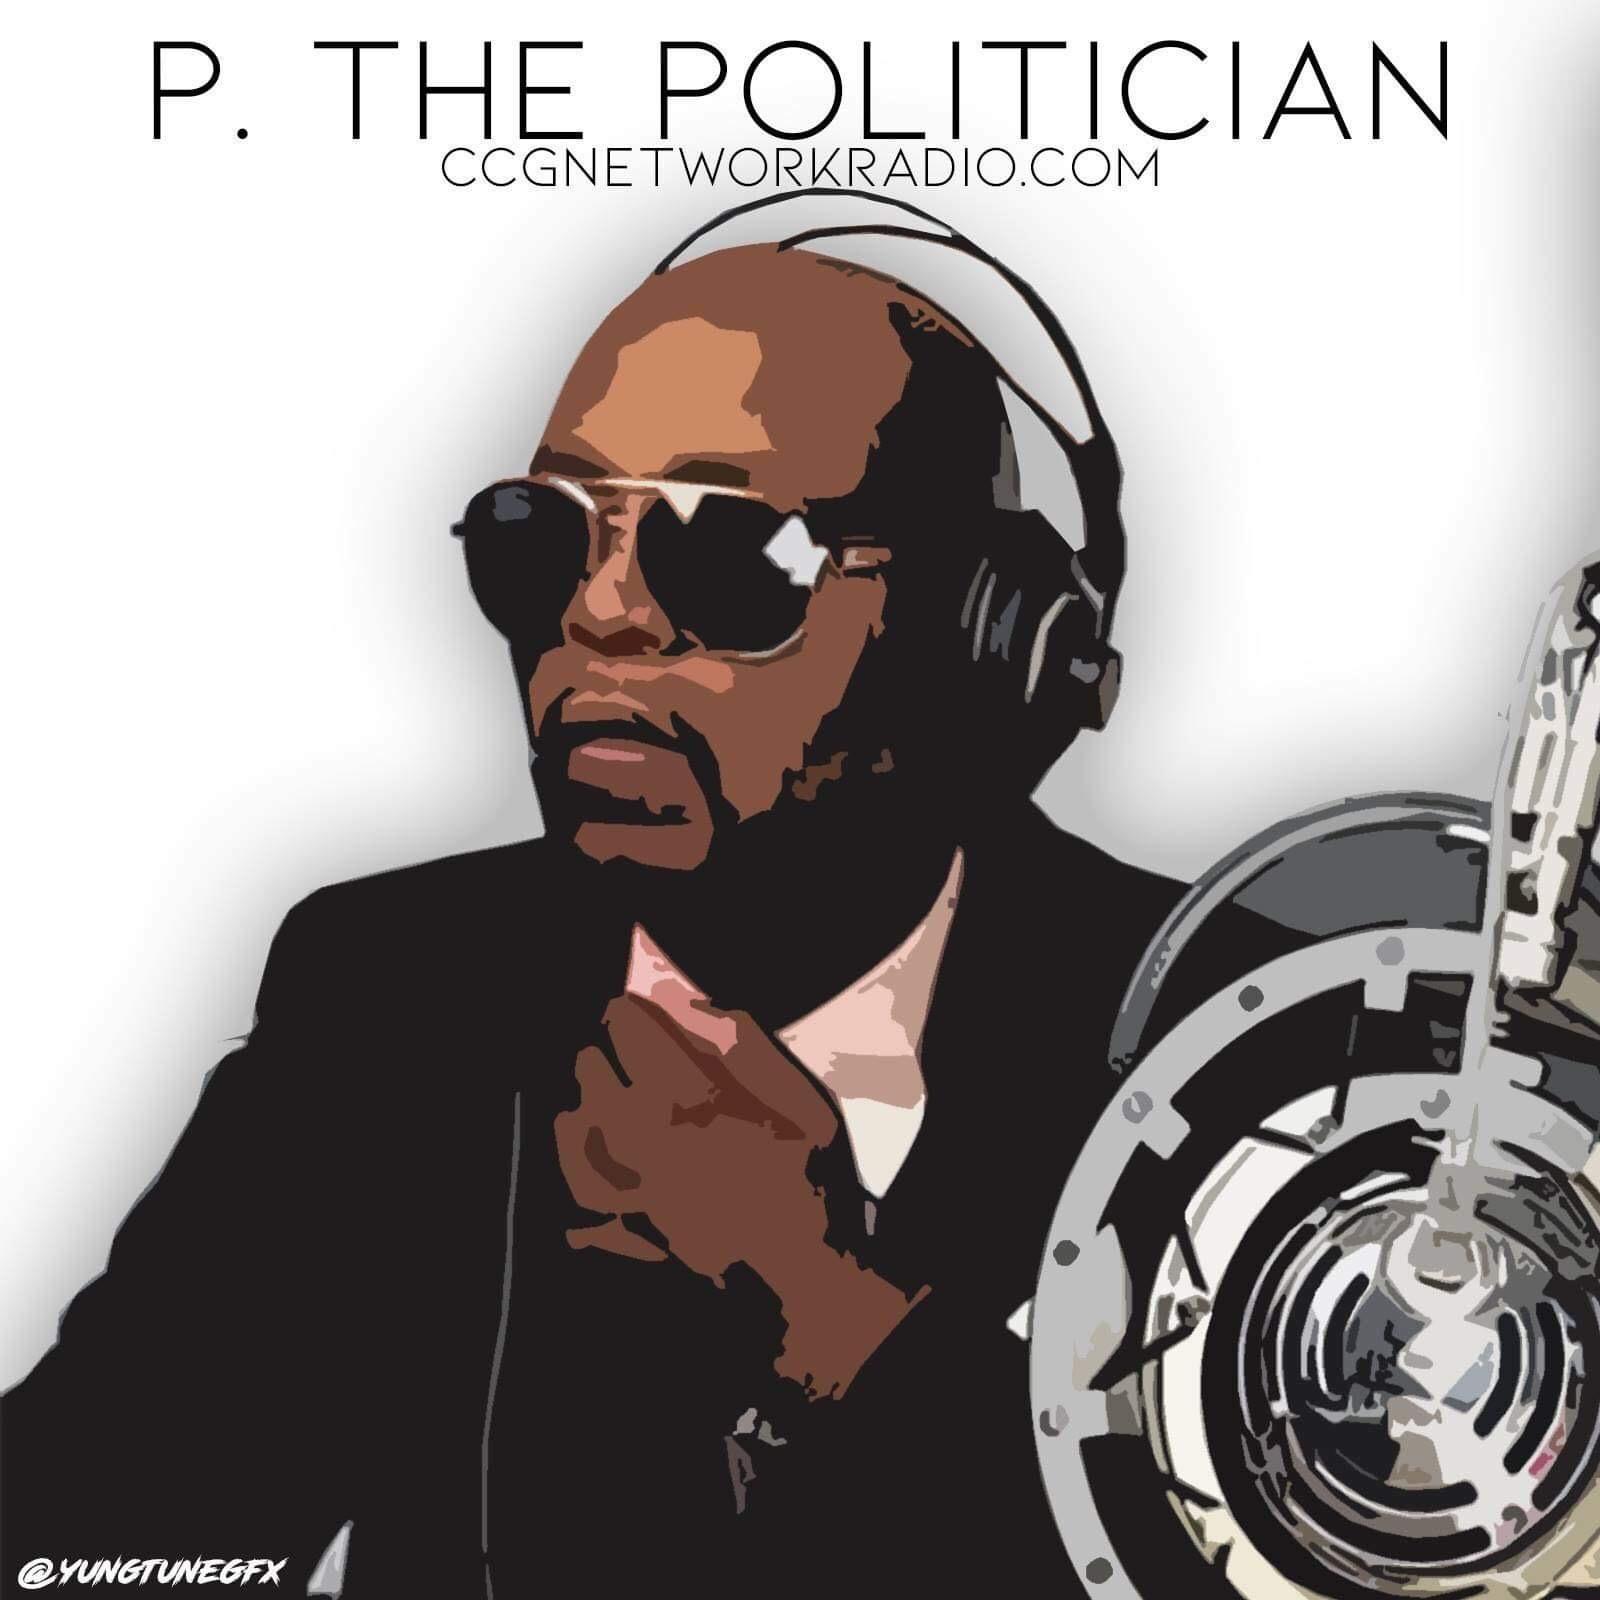 PThe Politician